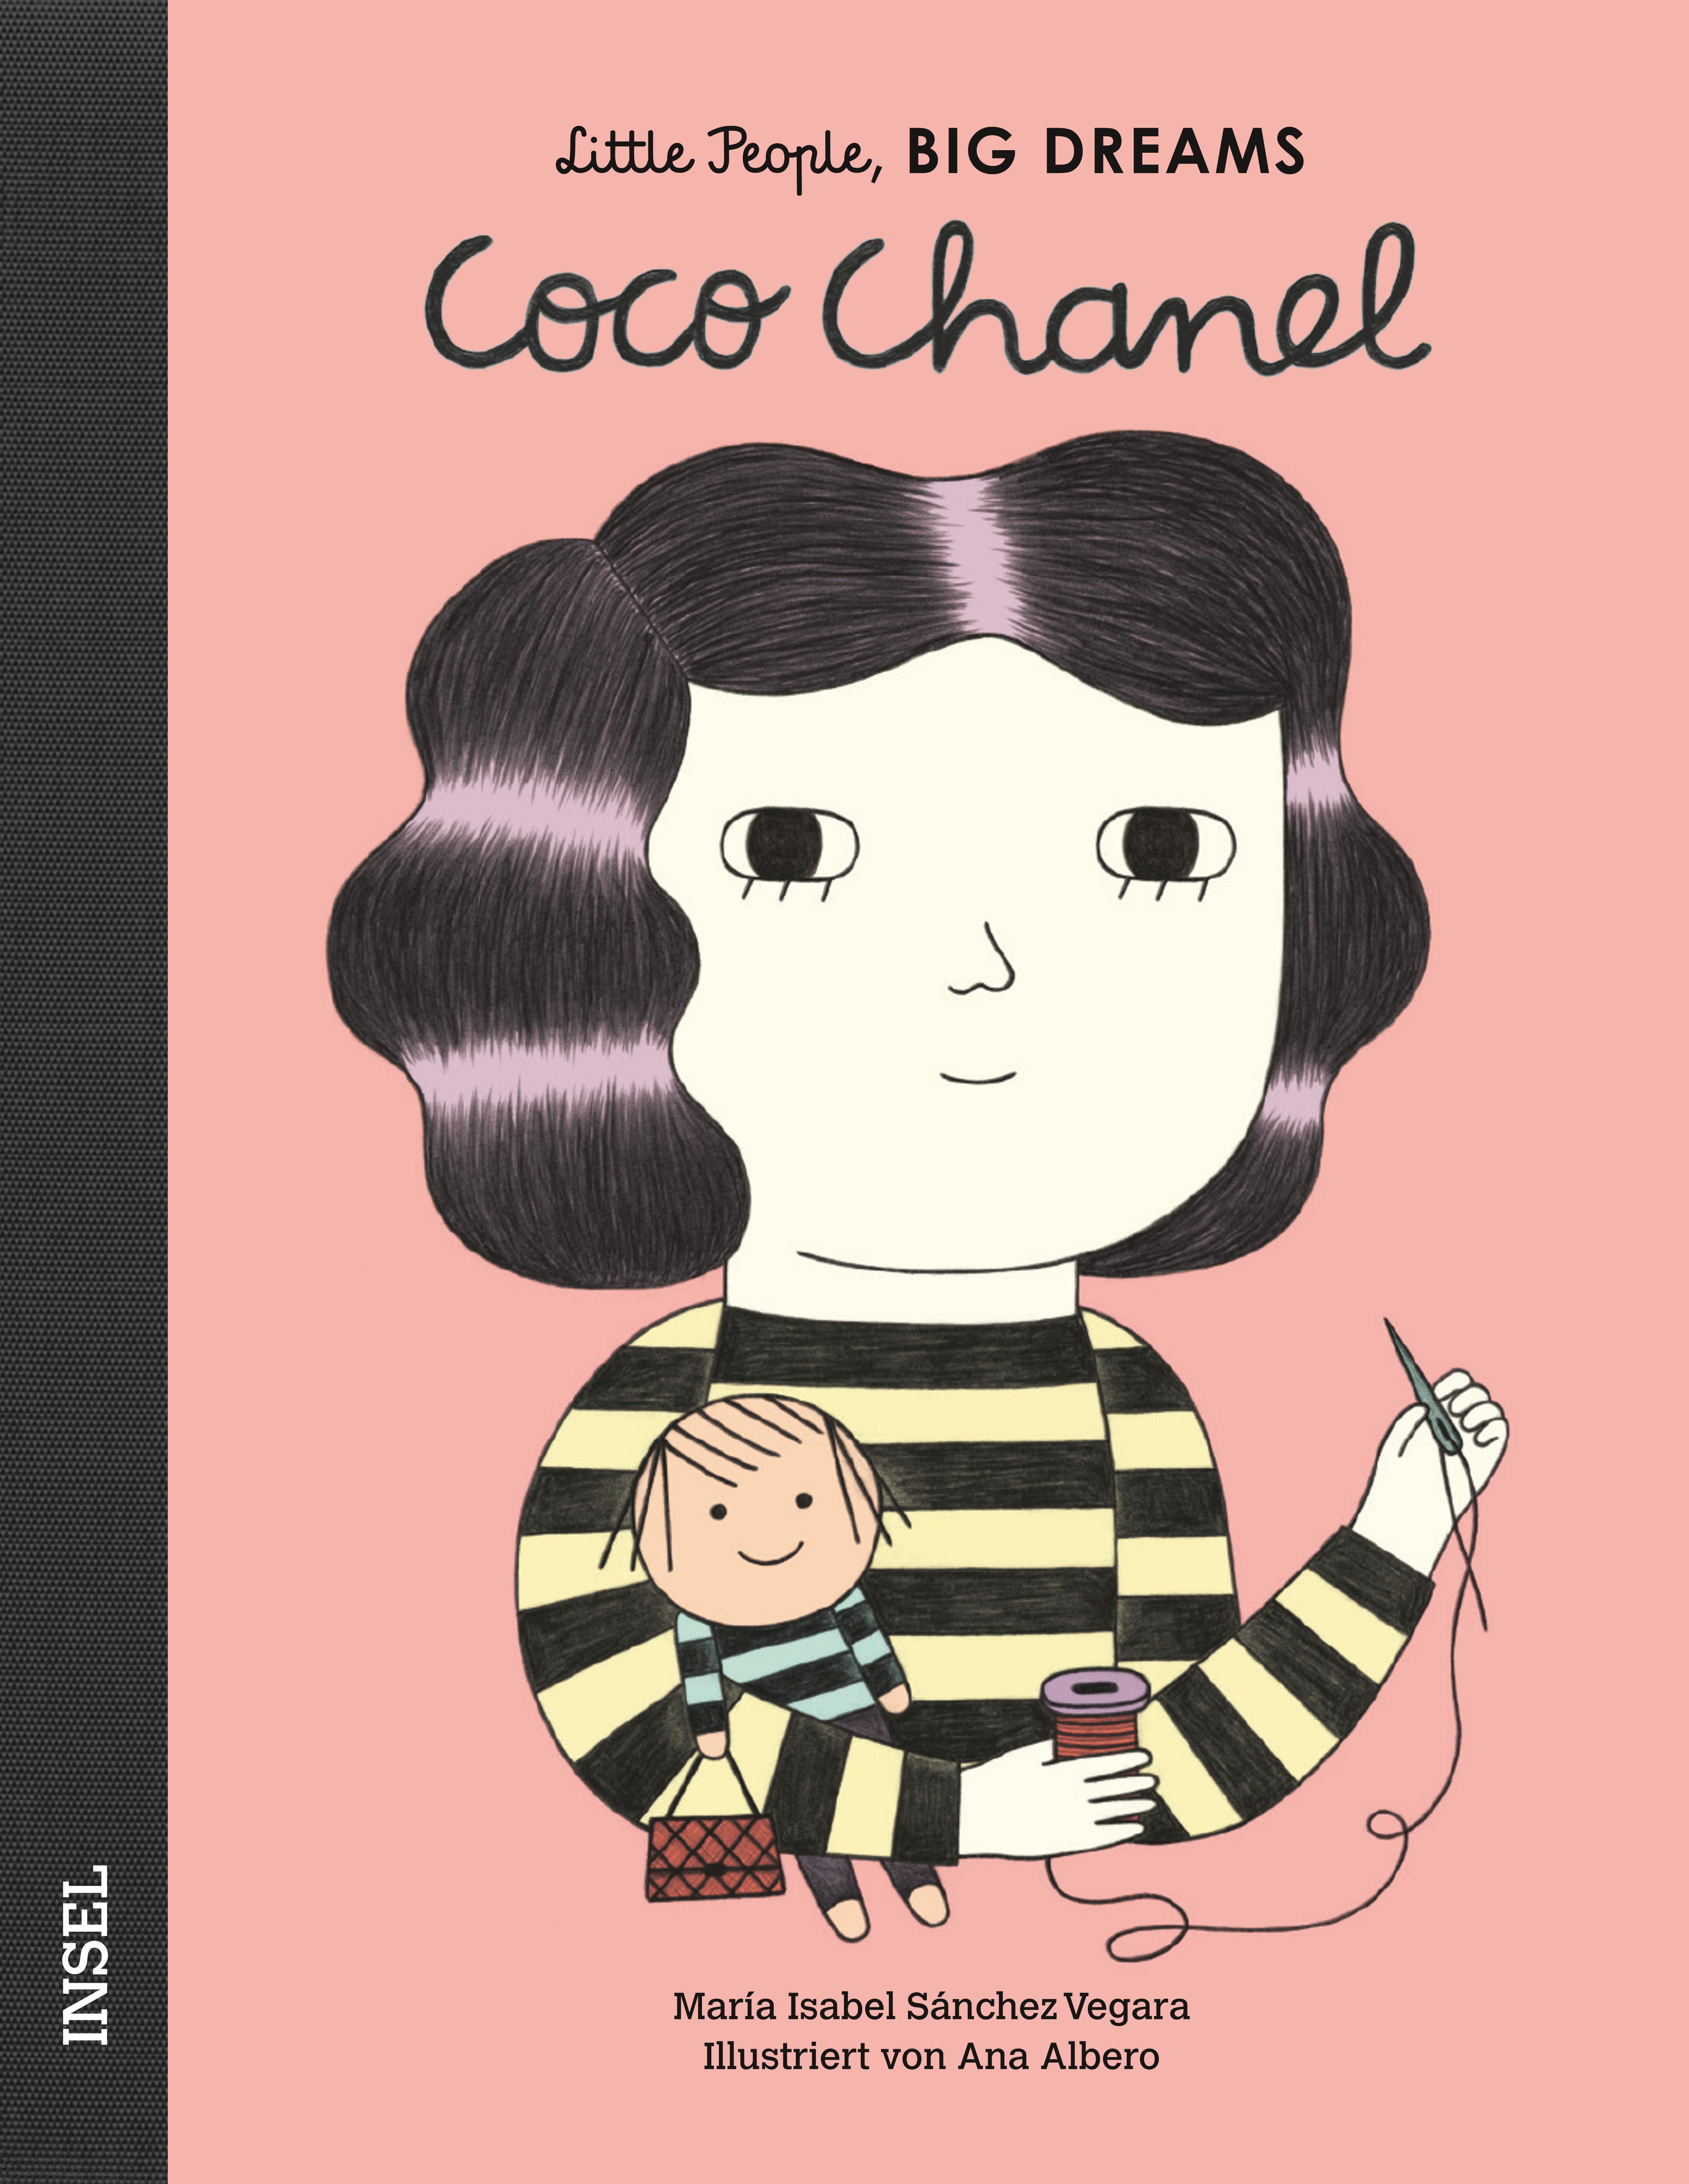 Little People, BIG DREAMS - Coco Chanel